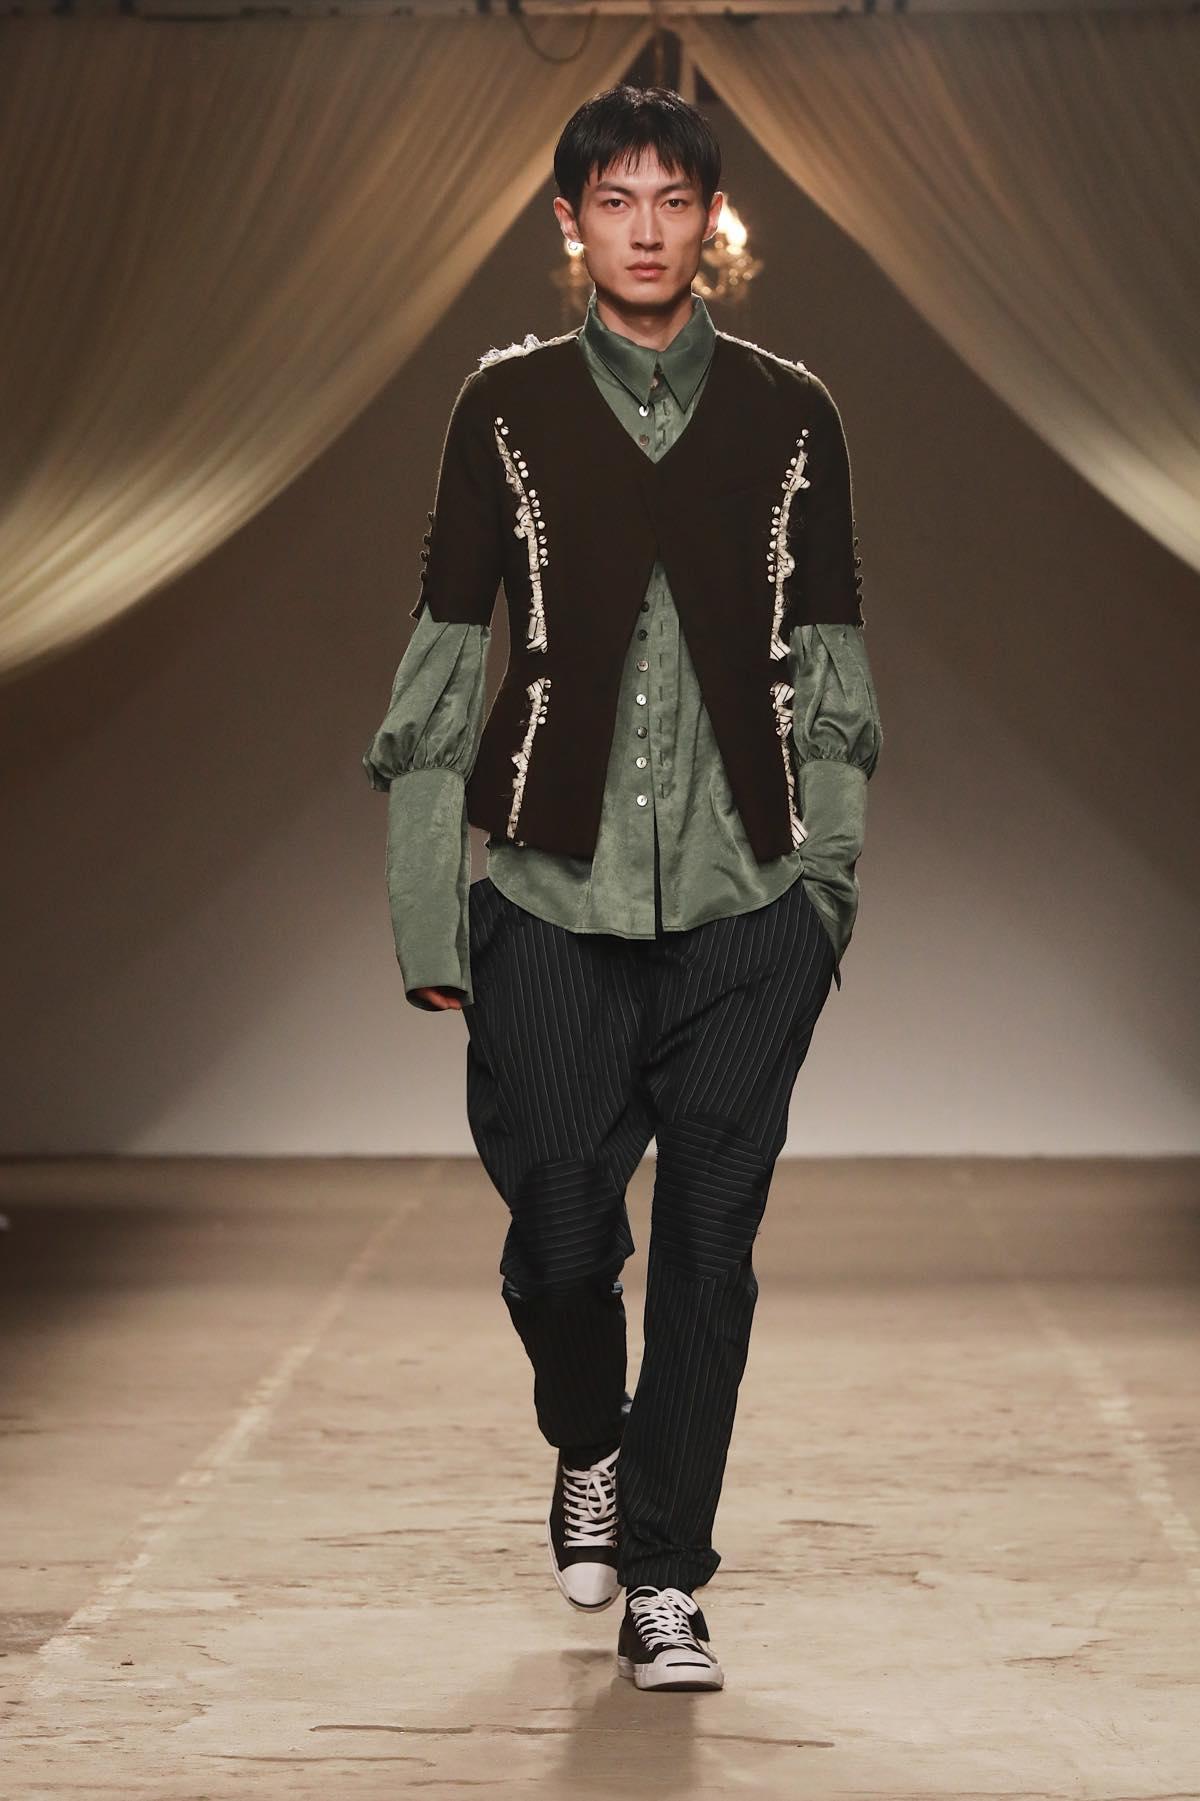 中国で注目の若手デザイナー 「JUNWEI LIN(ジュンウェイ リン)」の2017年秋冬コレクション